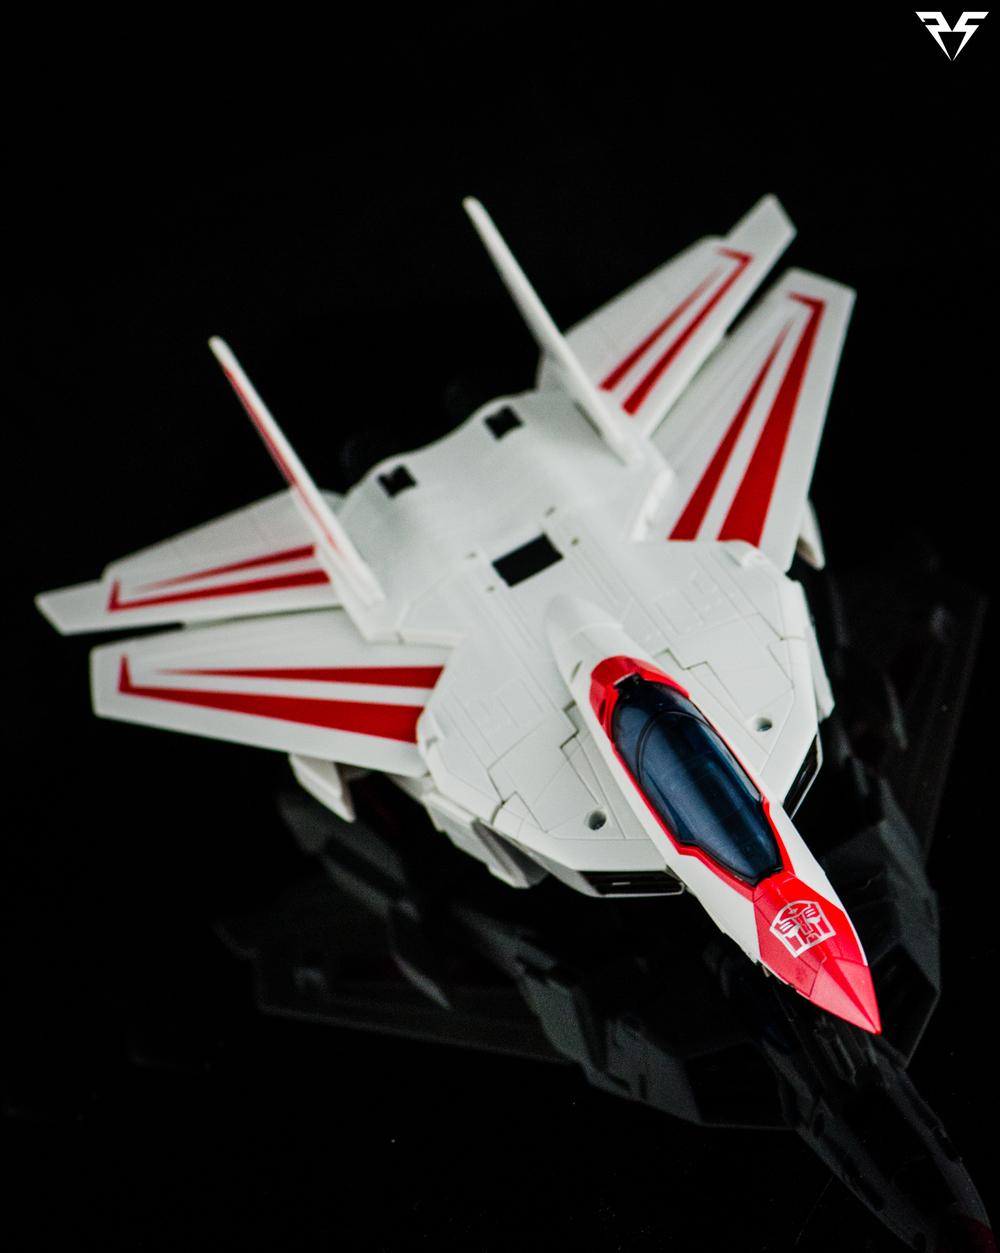 Jetfire-dive.jpg